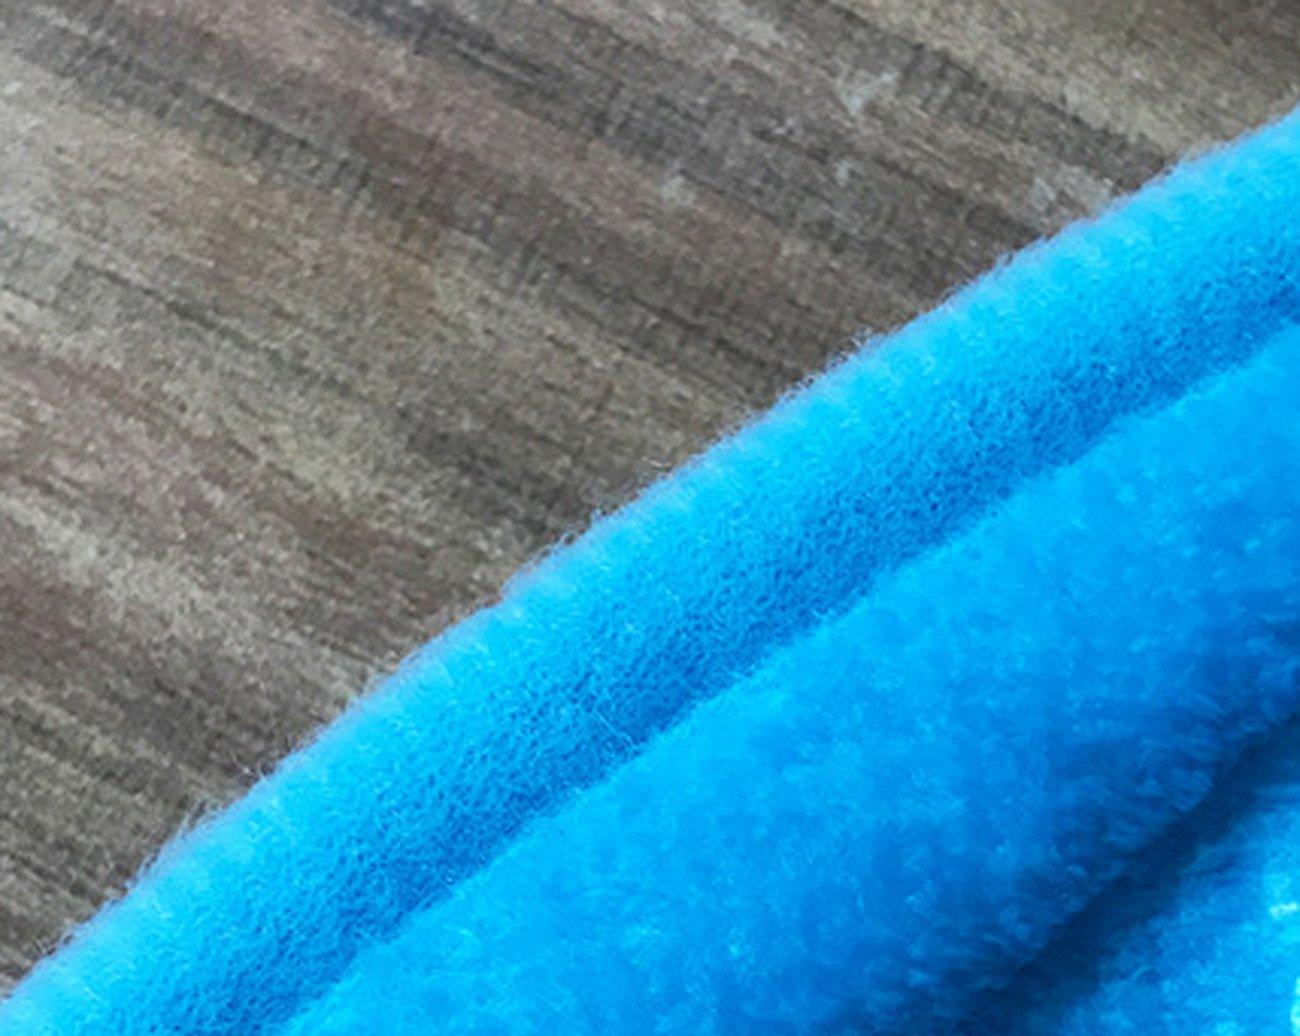 Yjmgrowing Waschraum-Zubehör 3 Stück Badematte Set, Set, Set, Badezimmer Rutschfeste Elegante Pedestal Rug + Deckel Toilet Cover + Badematte Familiennutzung (Pattern   B) B07H8HX6JB Duschmatten 902695